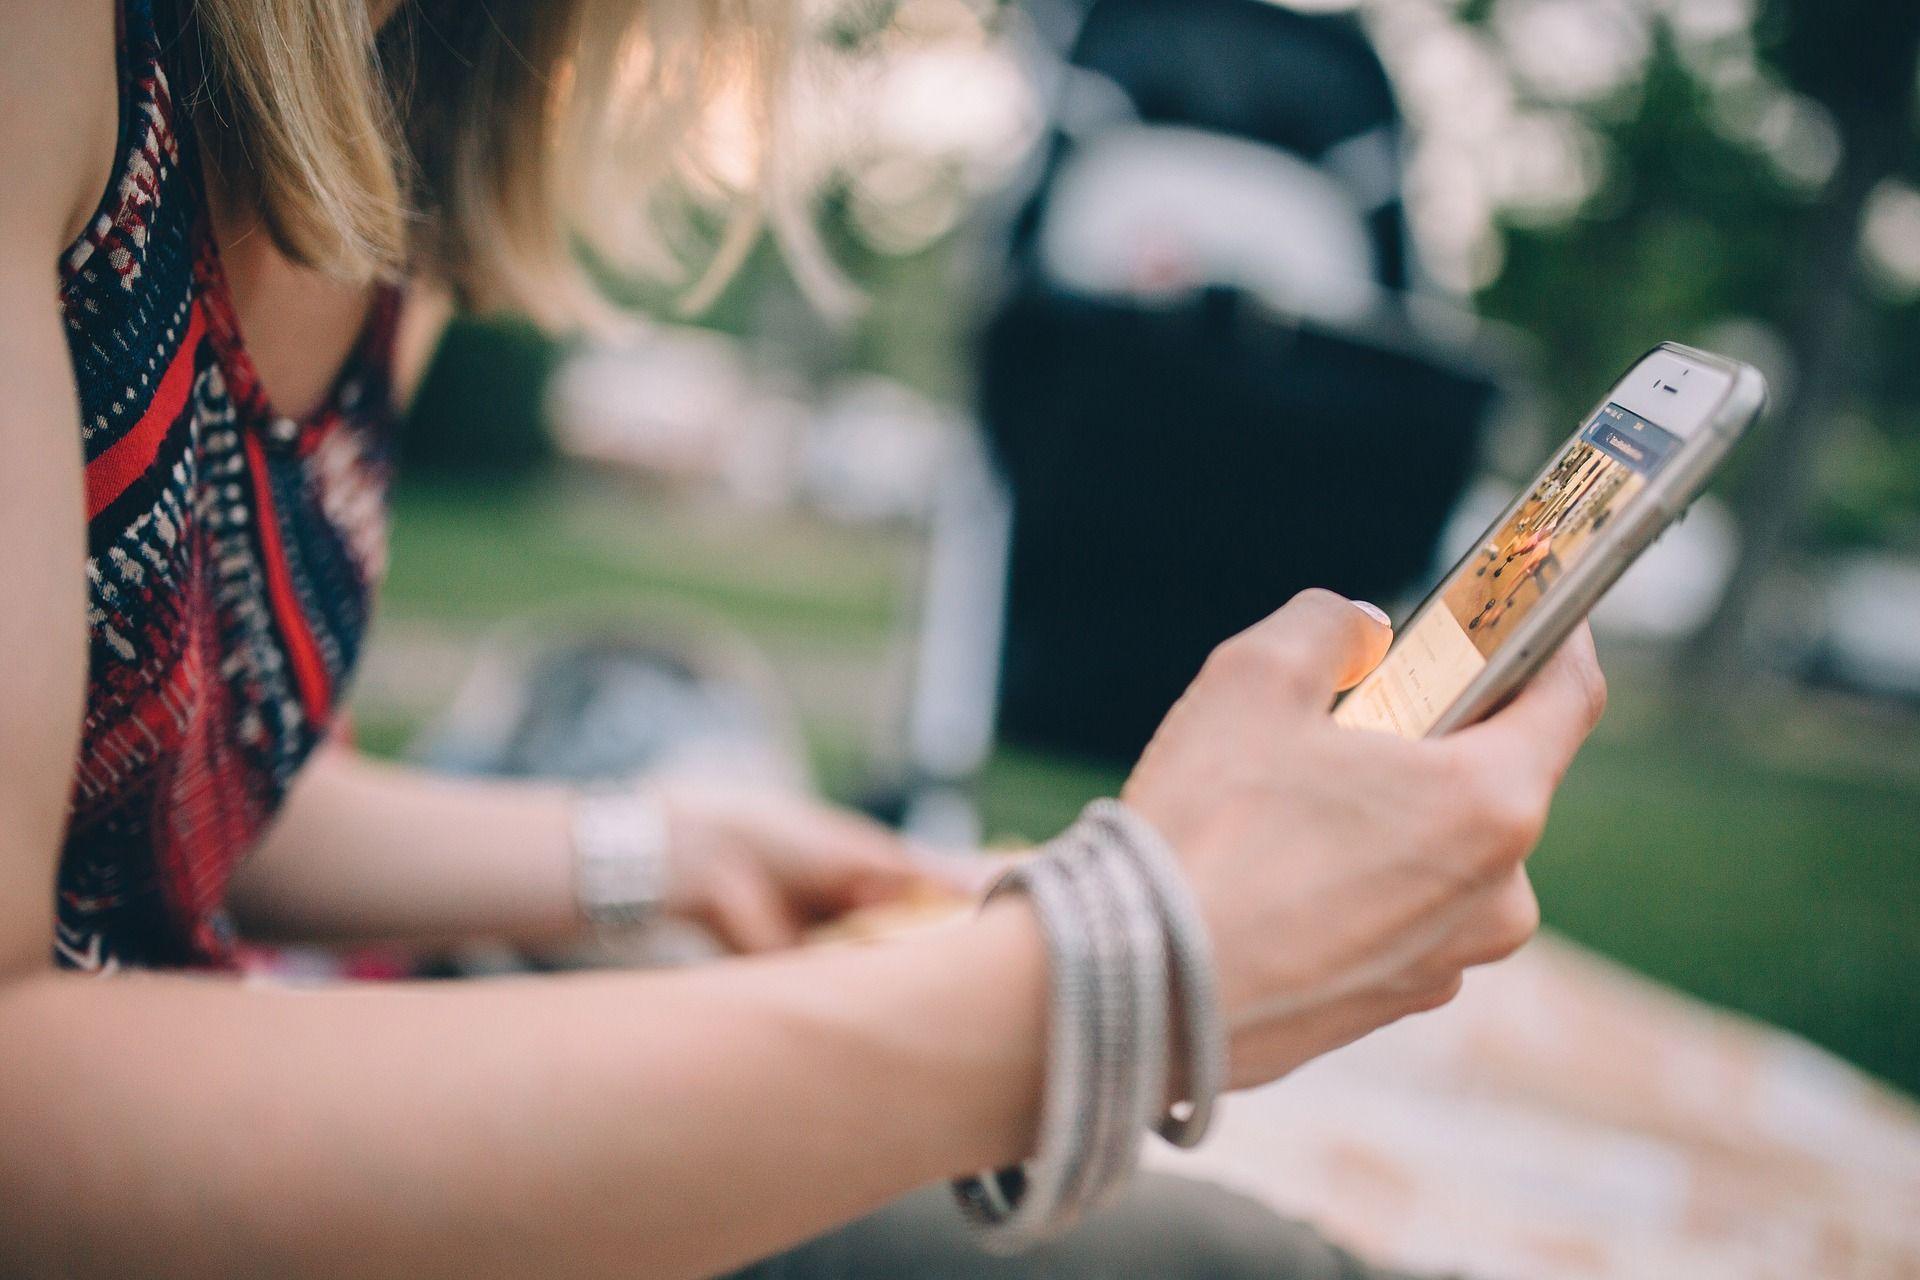 Tarifazo al amor: el servicio pago de Tinder será más caro porque tendrá IVA